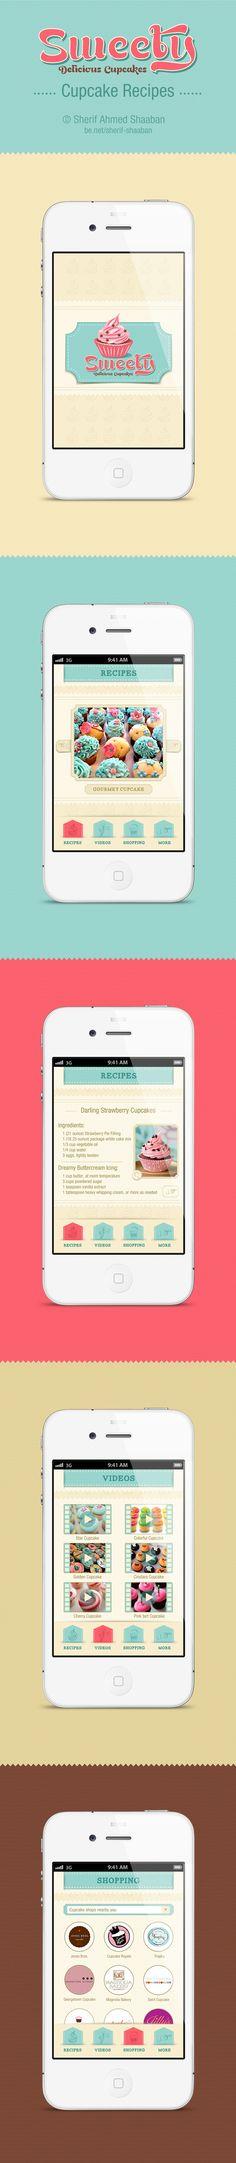 http://www.behance.net/gallery/Sweety-iPhone-app-GUI/3099241